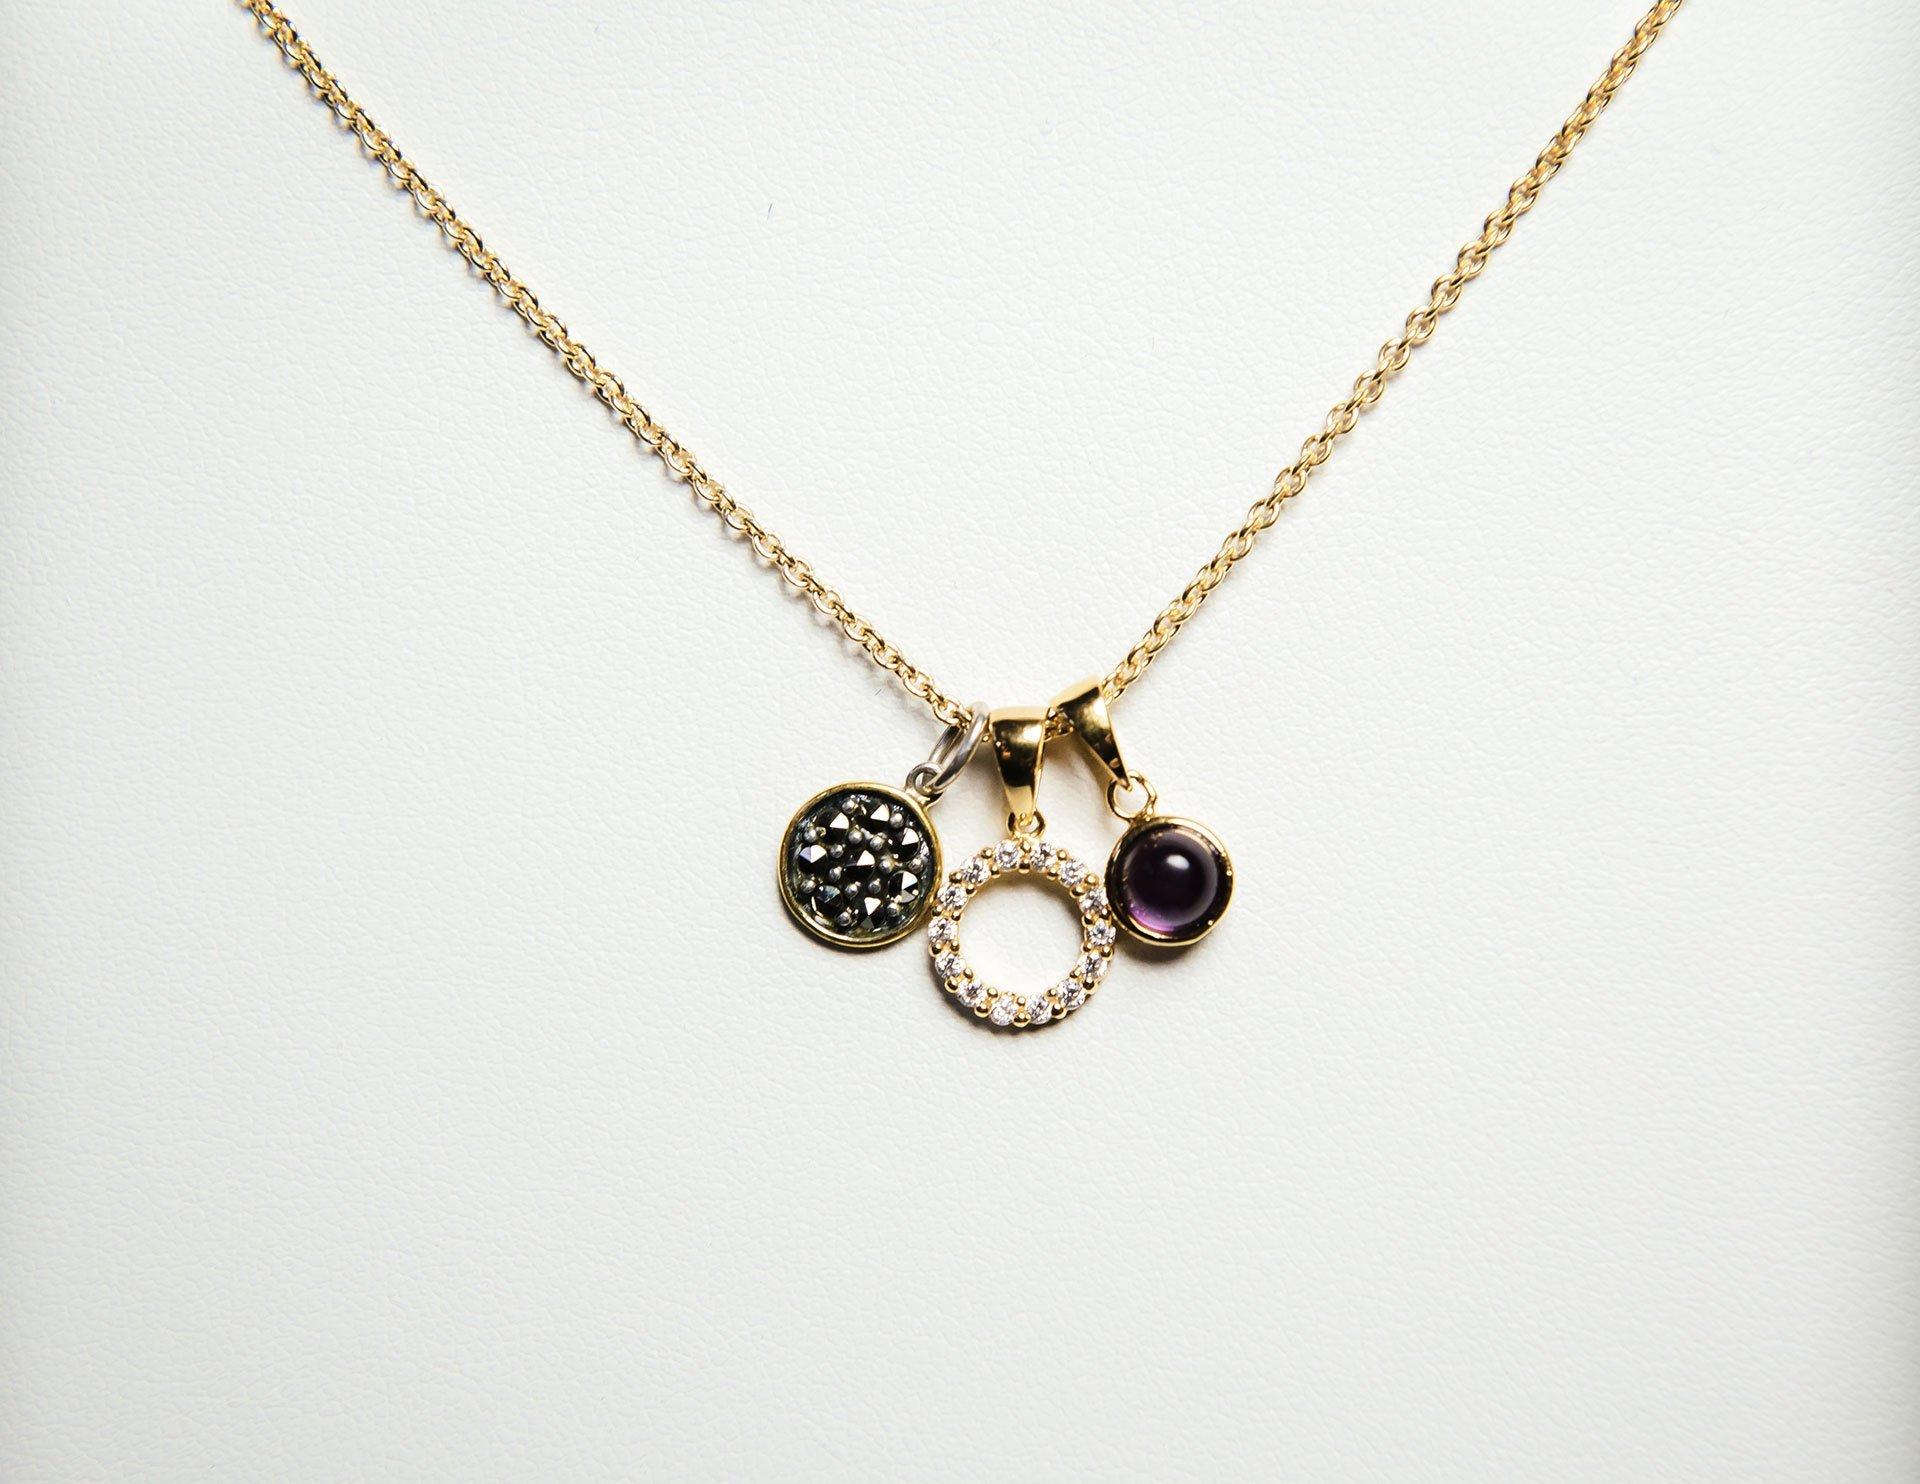 A selection of pendants